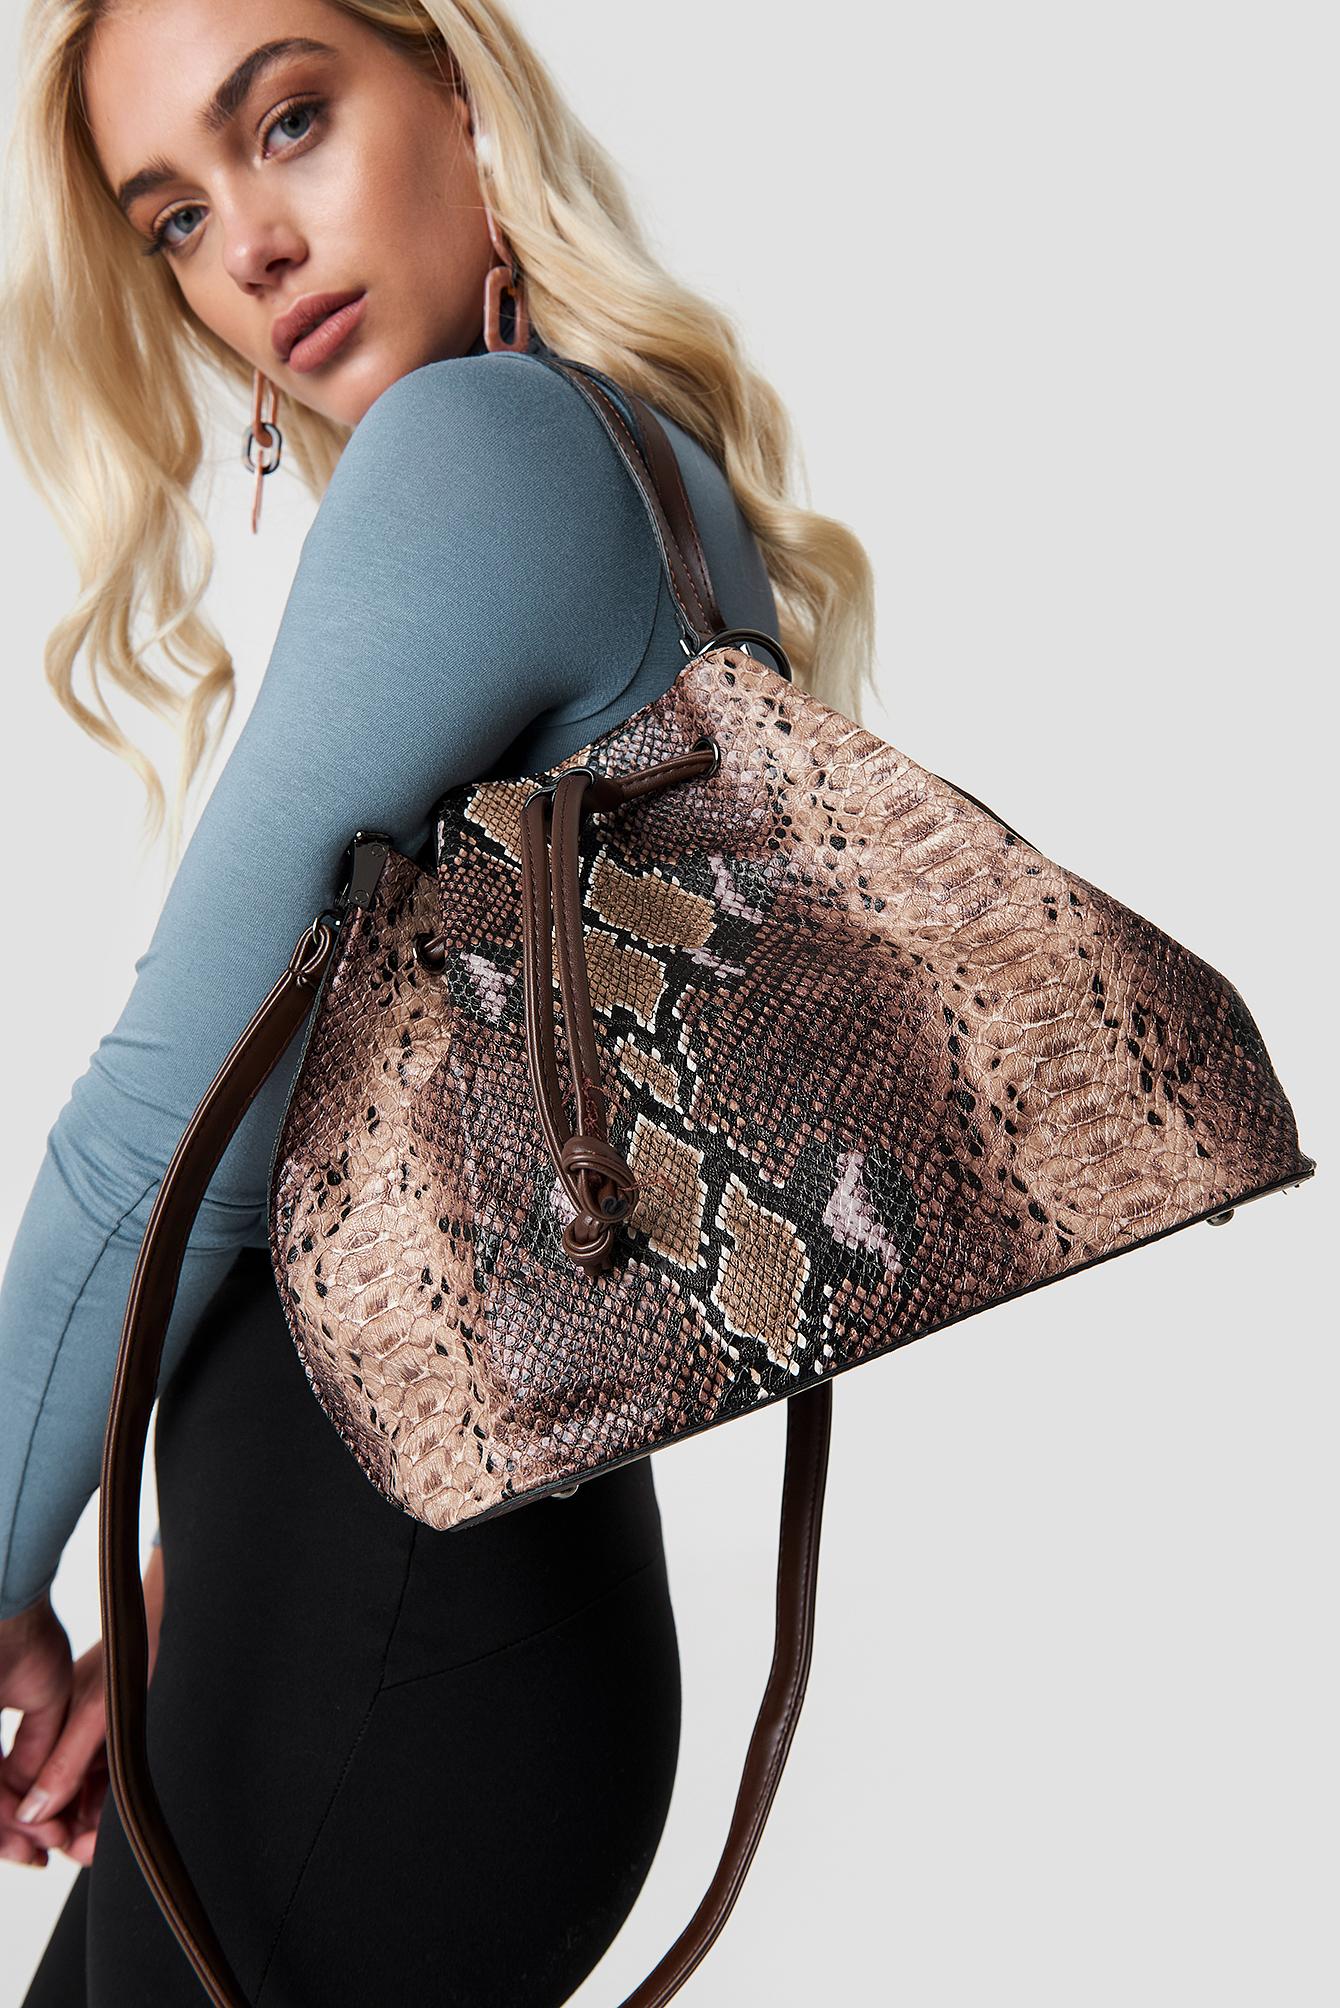 trendyol -  Snake Patterned Shoulder Bag - Brown,Multicolor